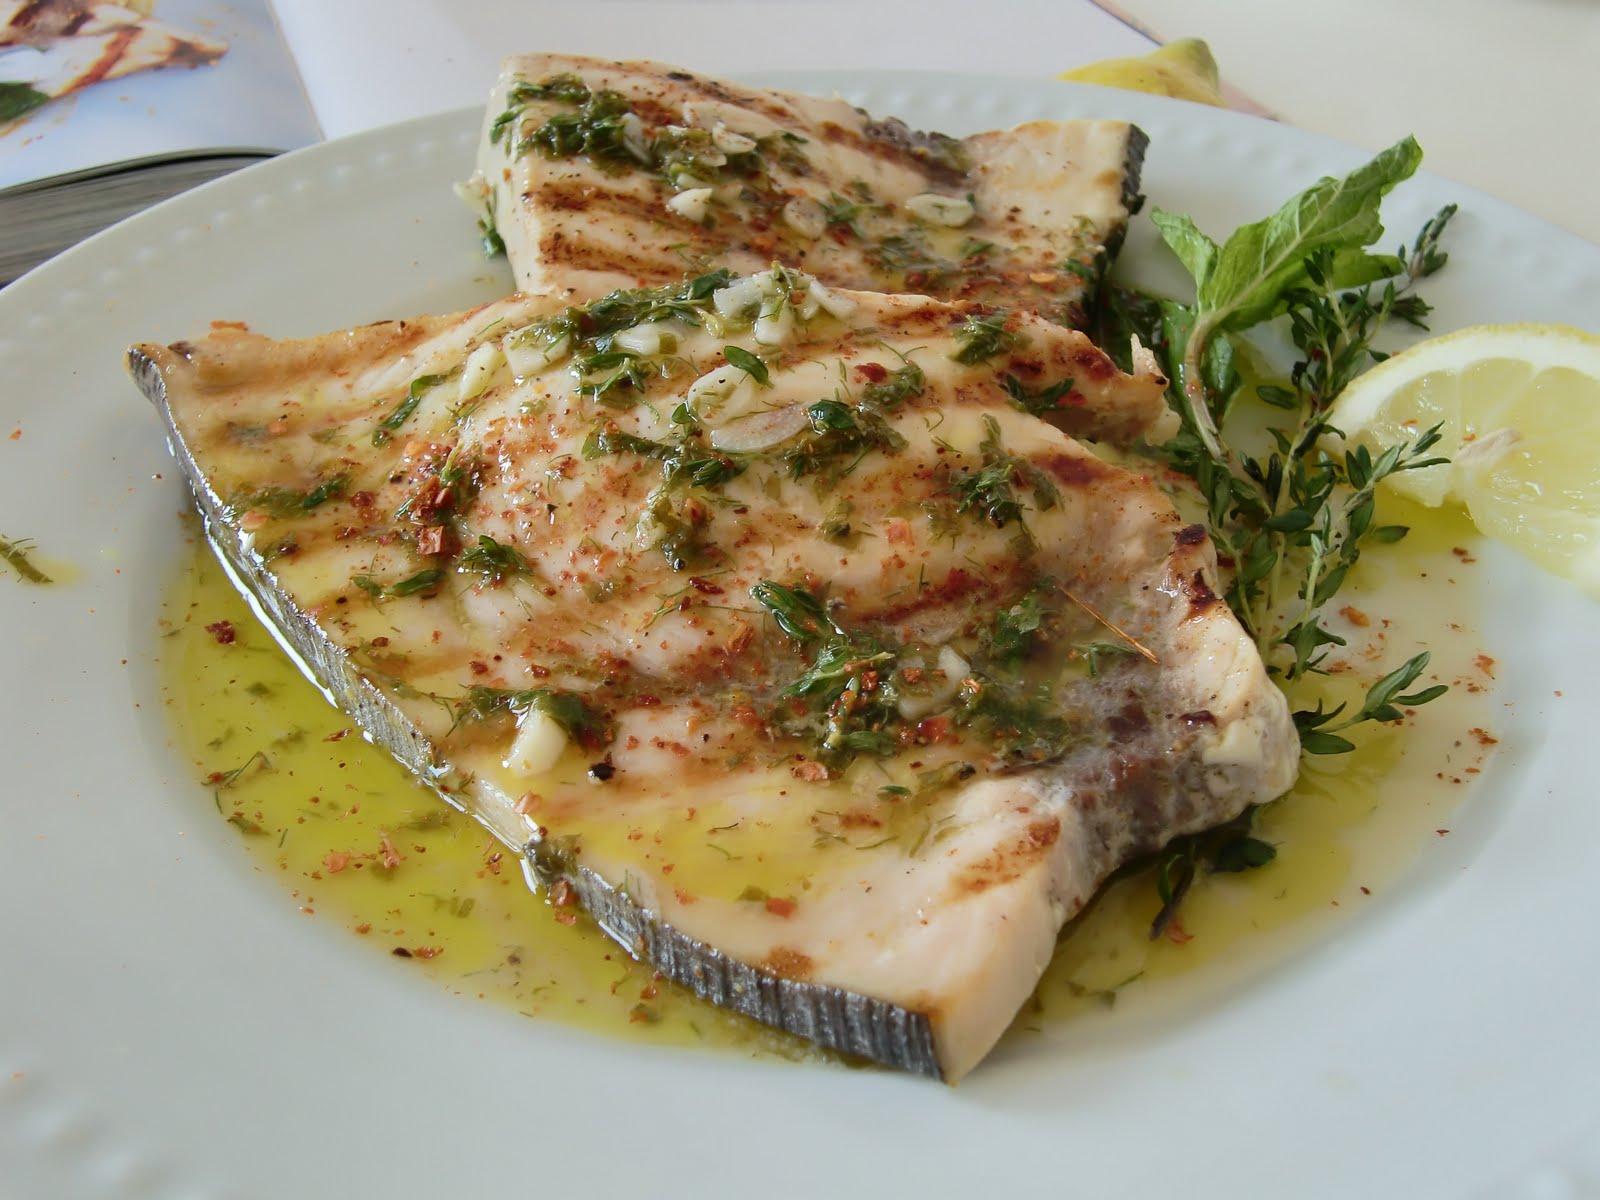 Con pan y postre pez espada a la plancha seg n jamie for Cuisine 0 la plancha